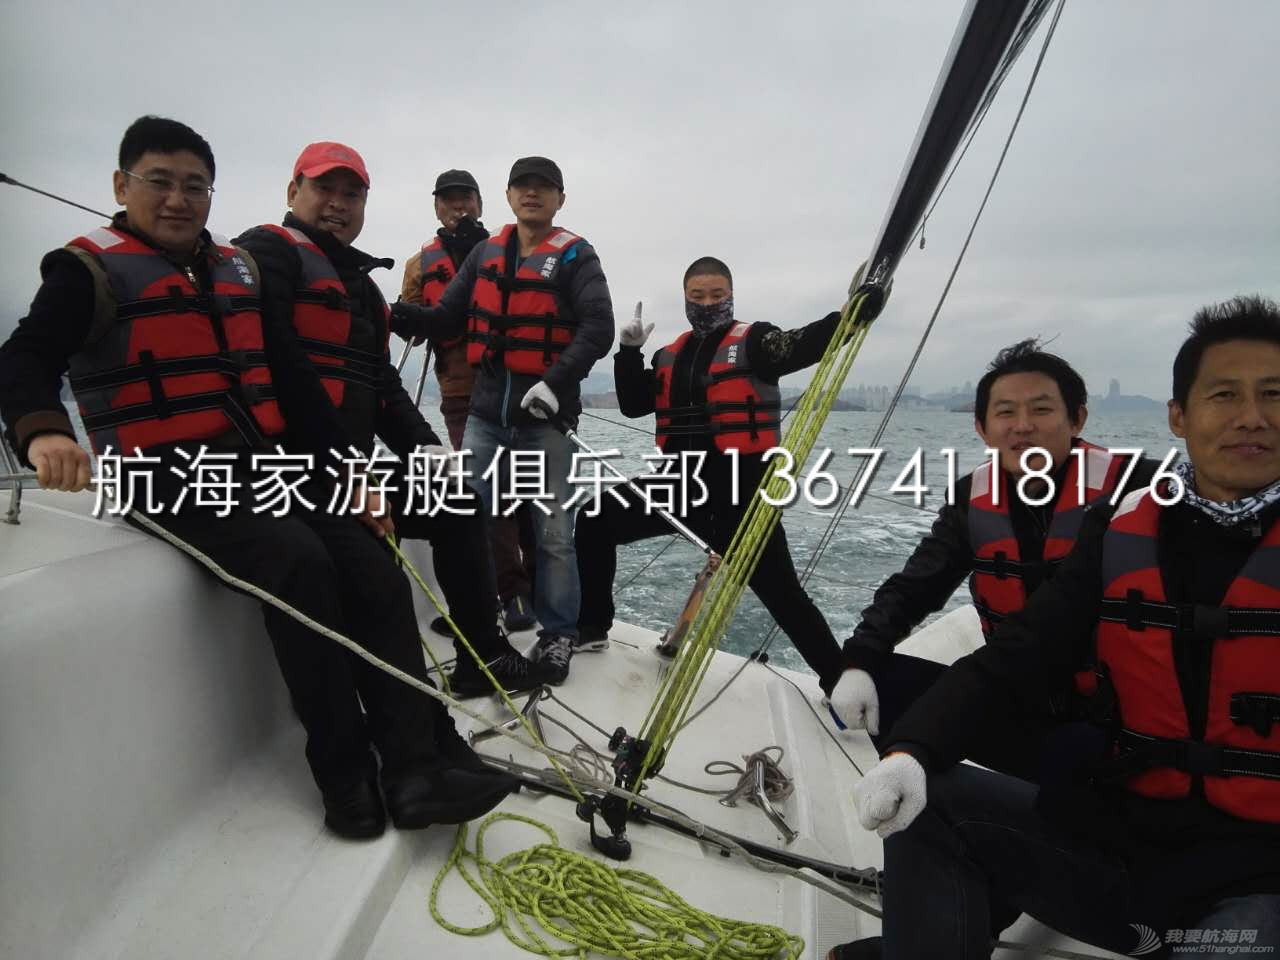 航海家俱乐部游艇驾驶培训简介 IMG_7434.jpg